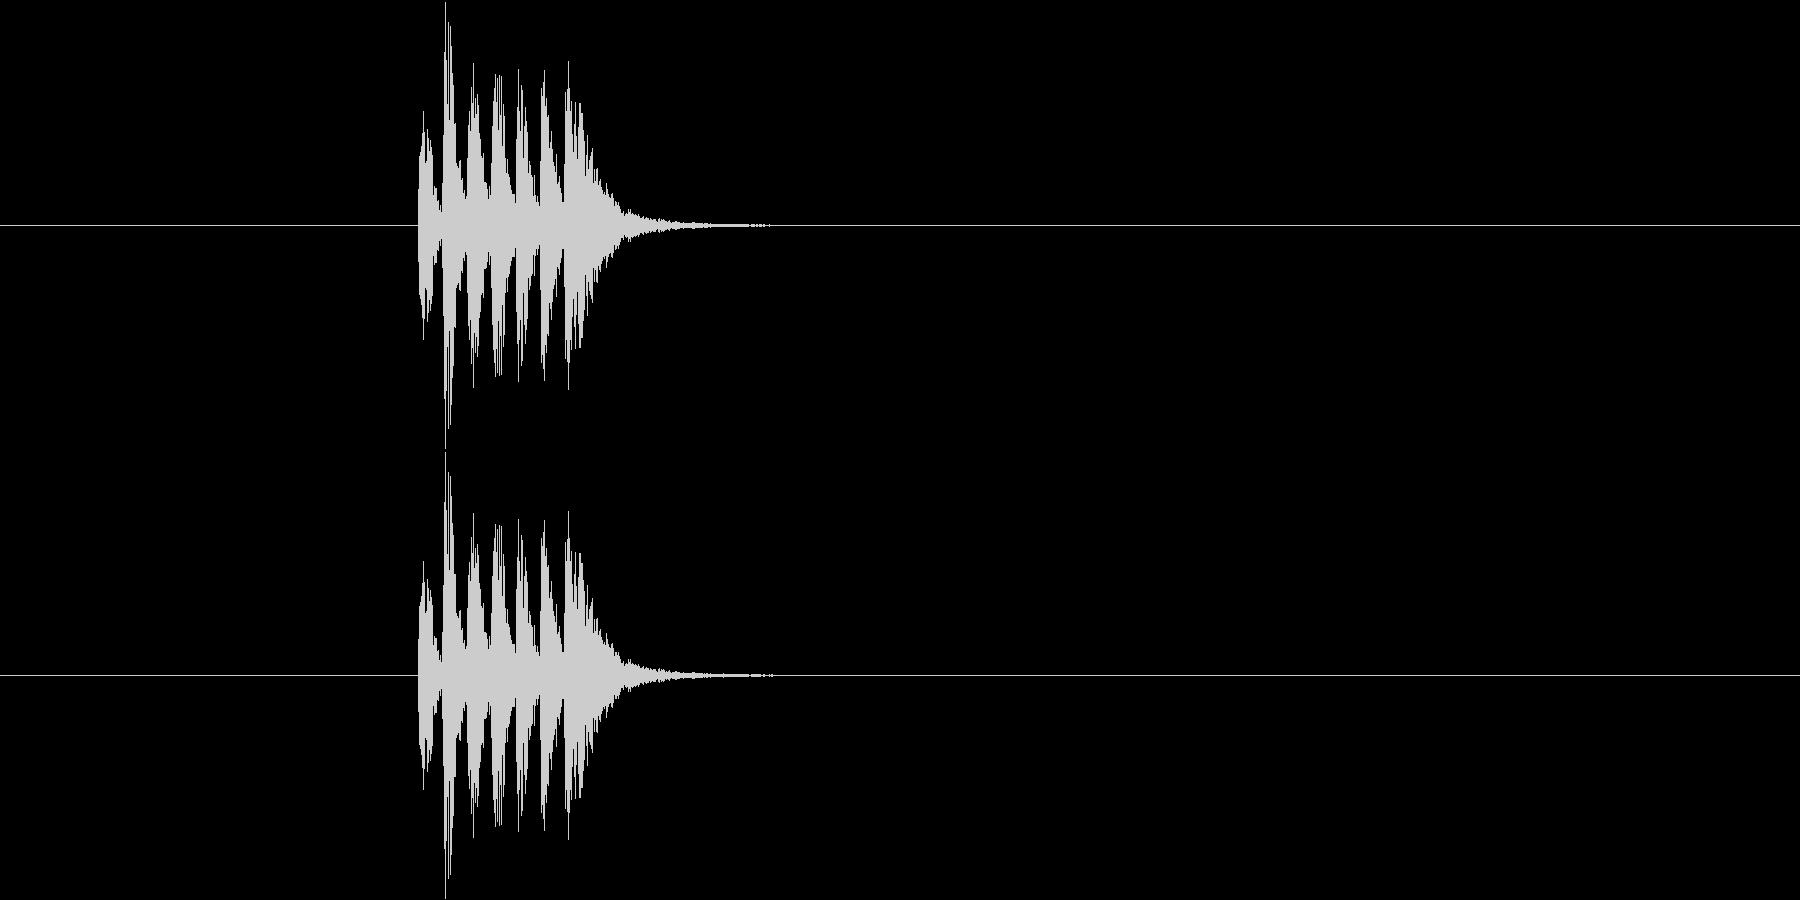 そろばんを「ジャっ!」っと弾く音の未再生の波形